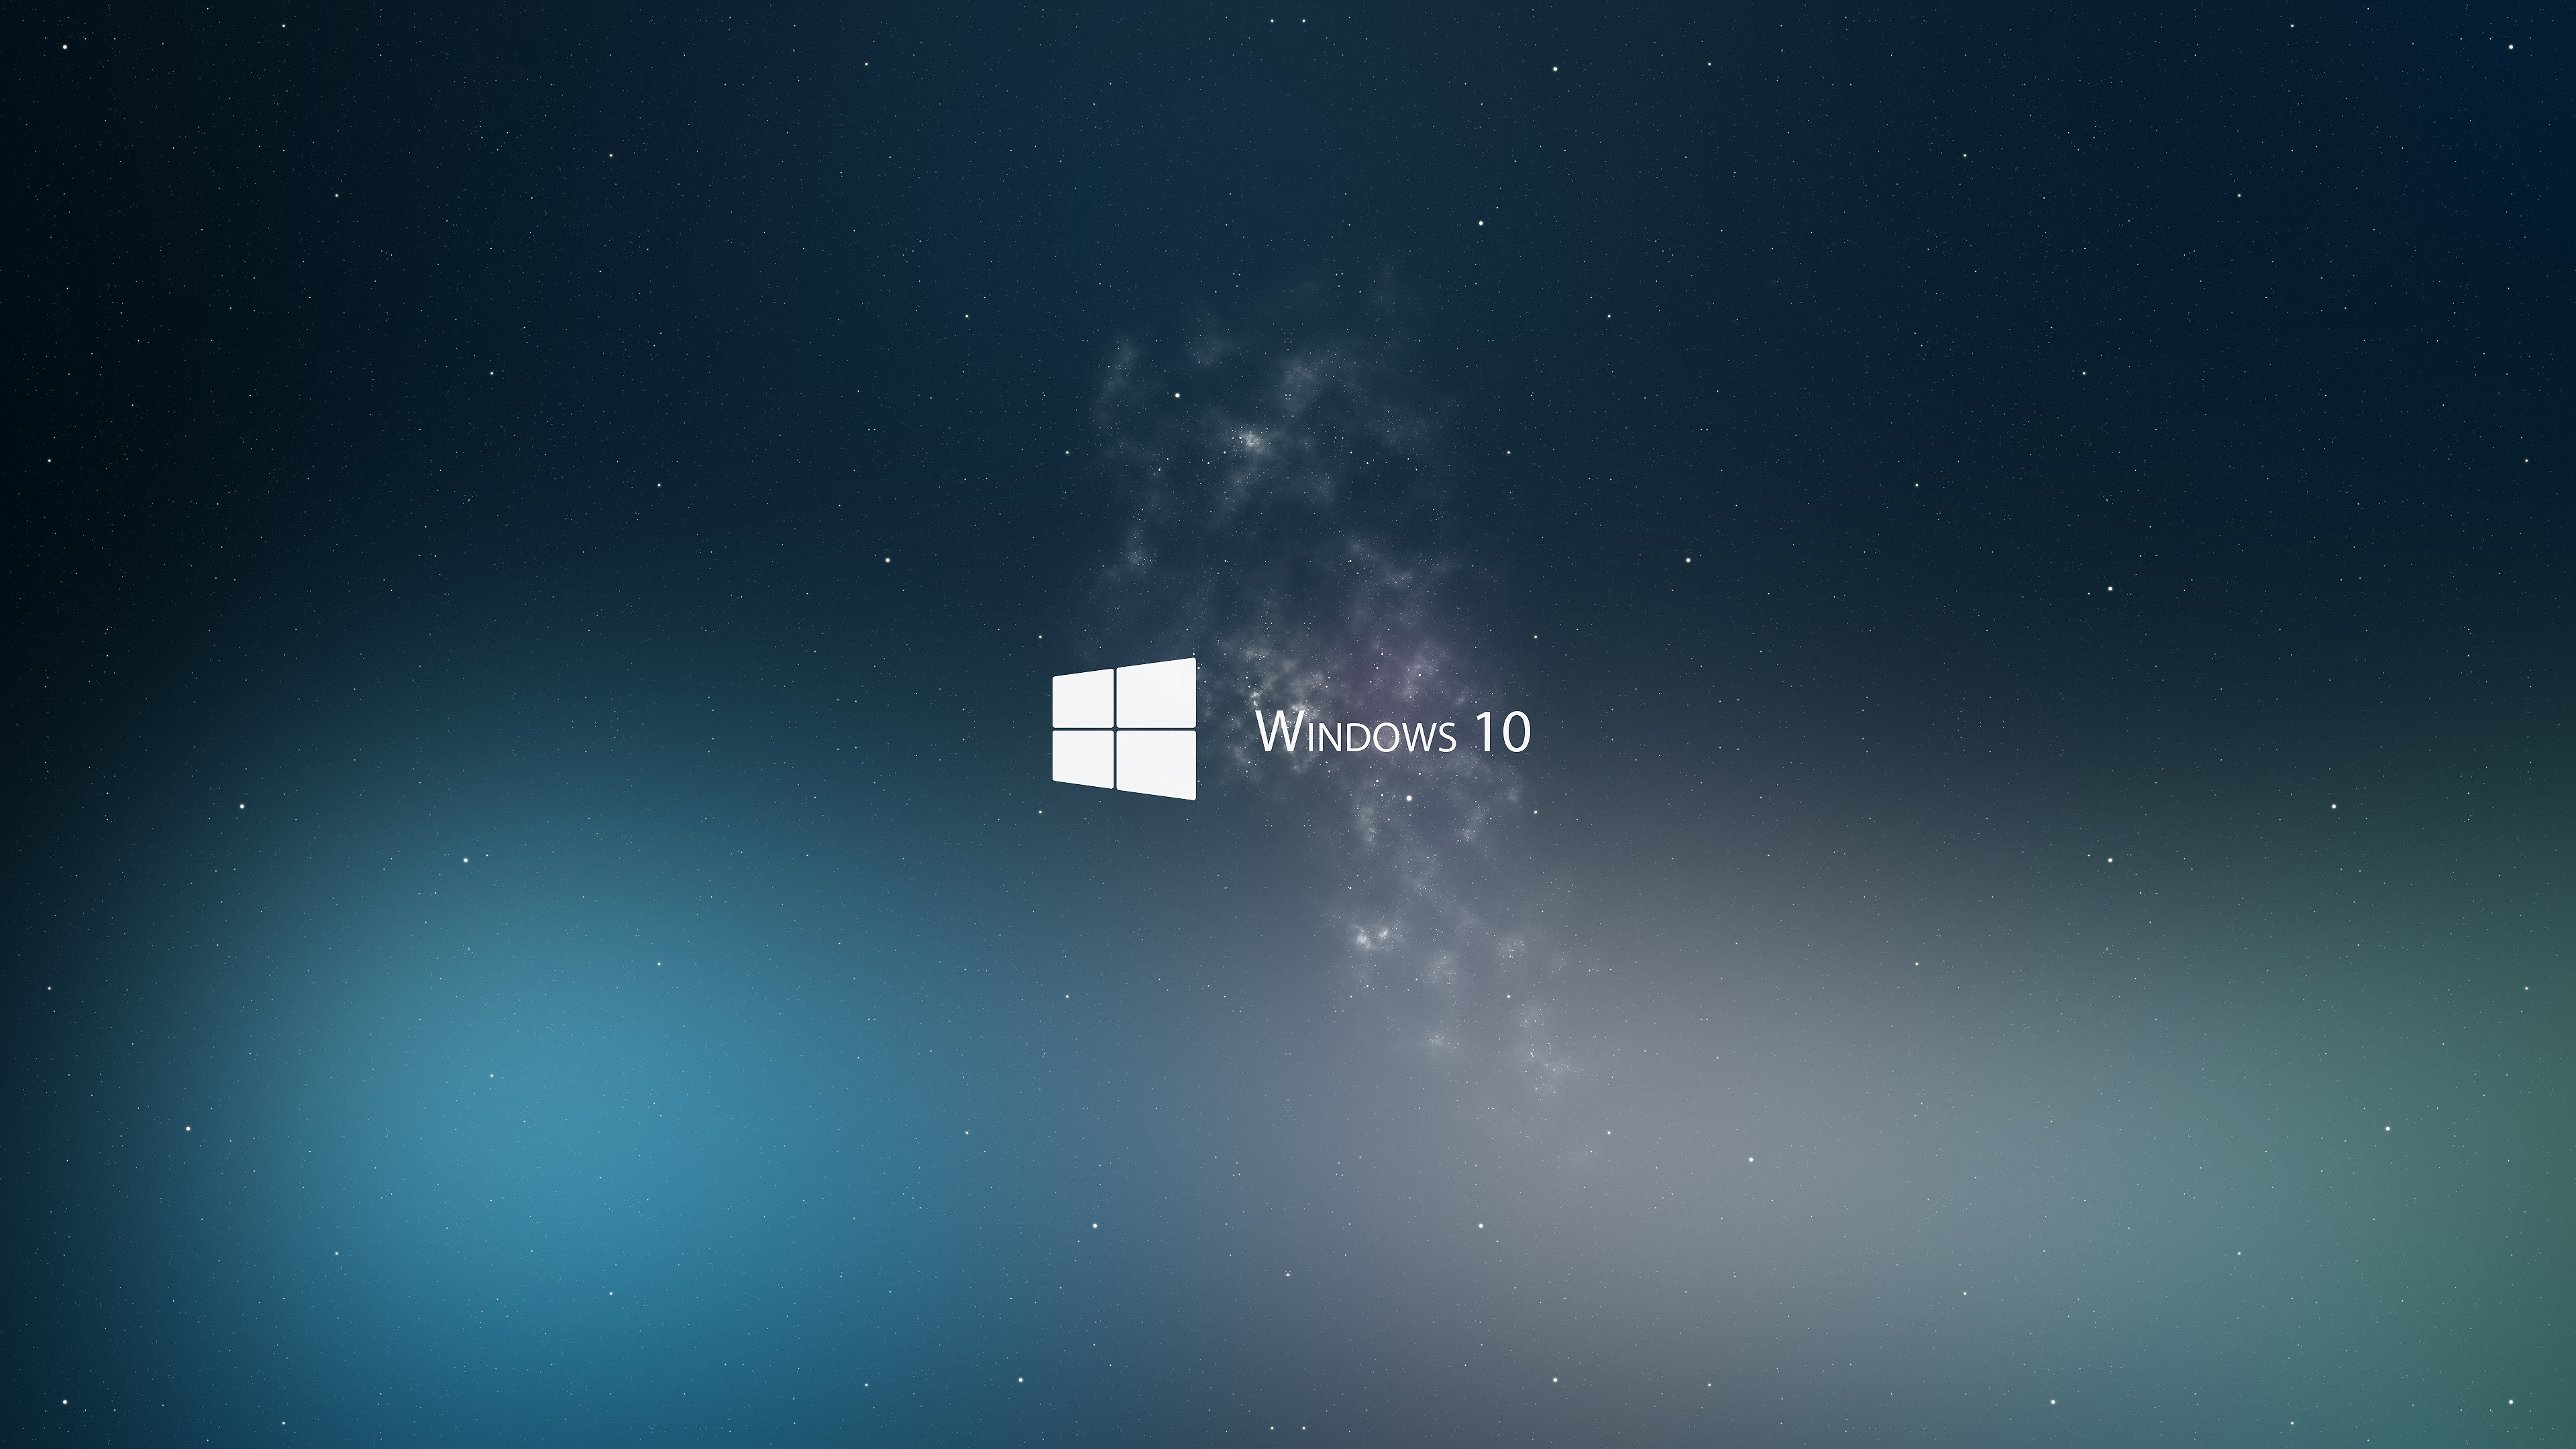 Res: 3840x2160, Windows 10 Wallpaper